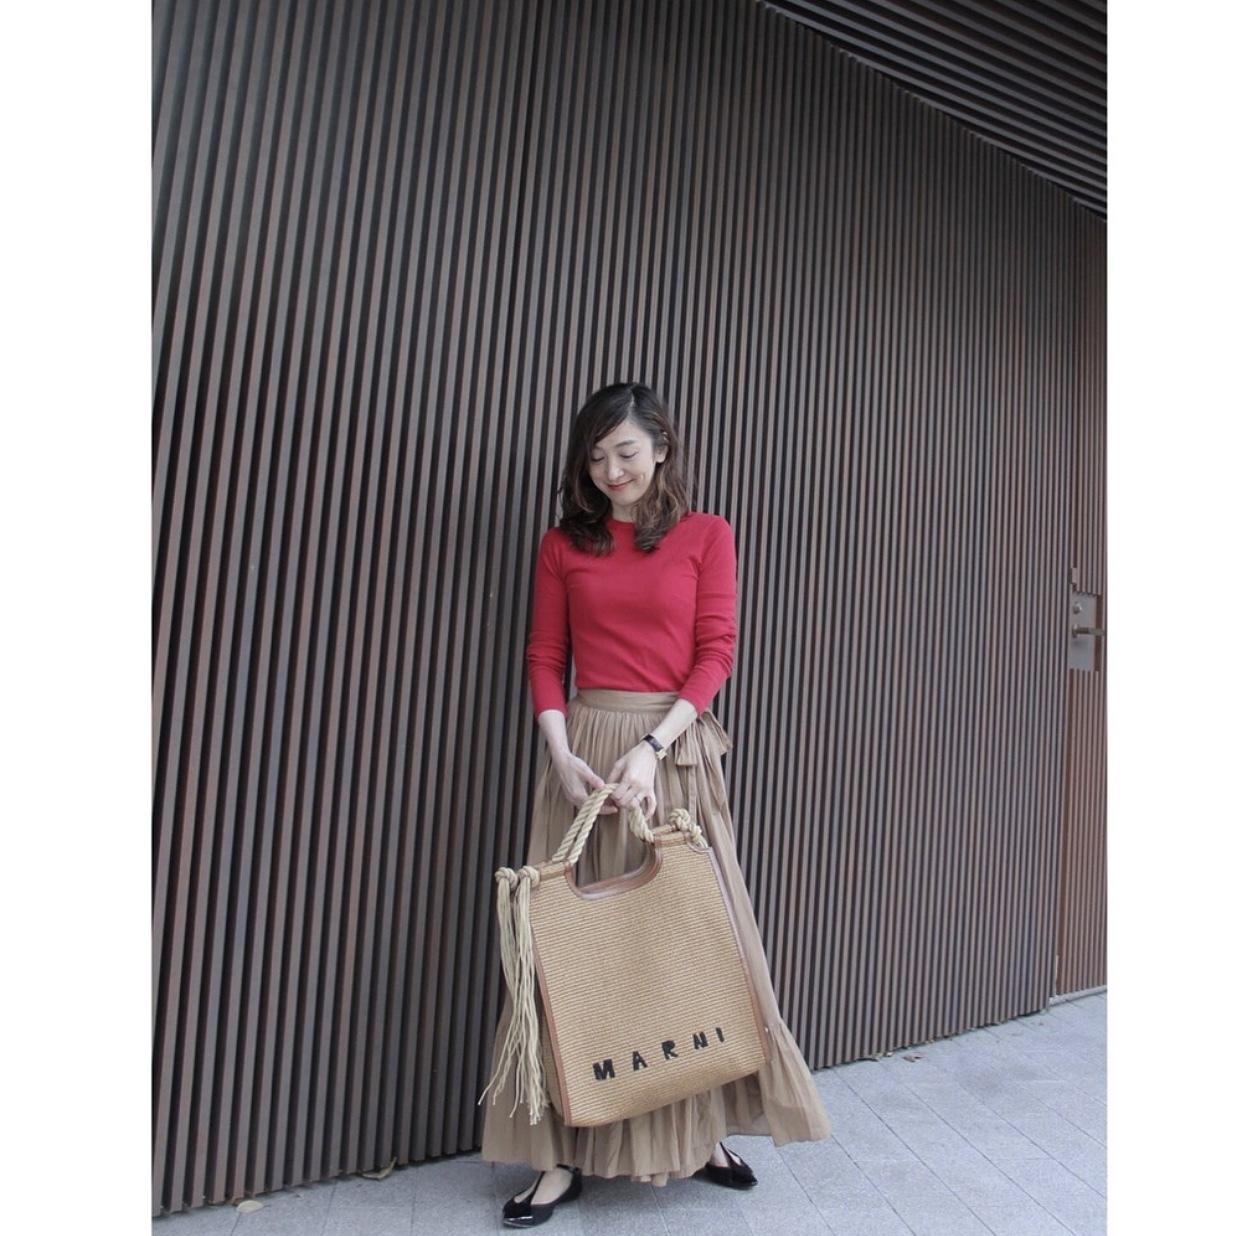 ティアードスカートが好き過ぎて❤︎_1_4